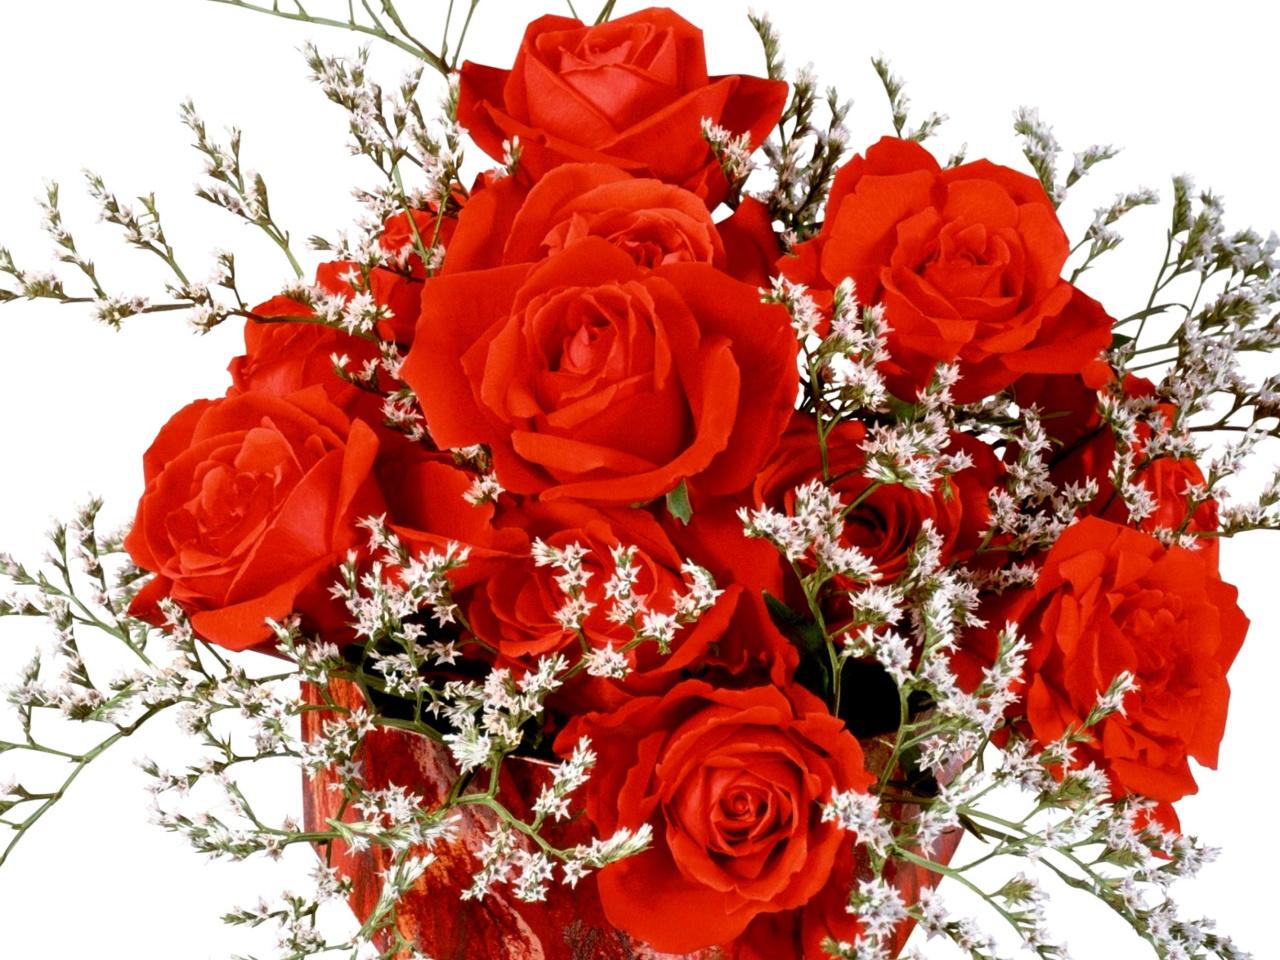 Картинки красивые цветы со смыслом (37 фото) Прикольные 28